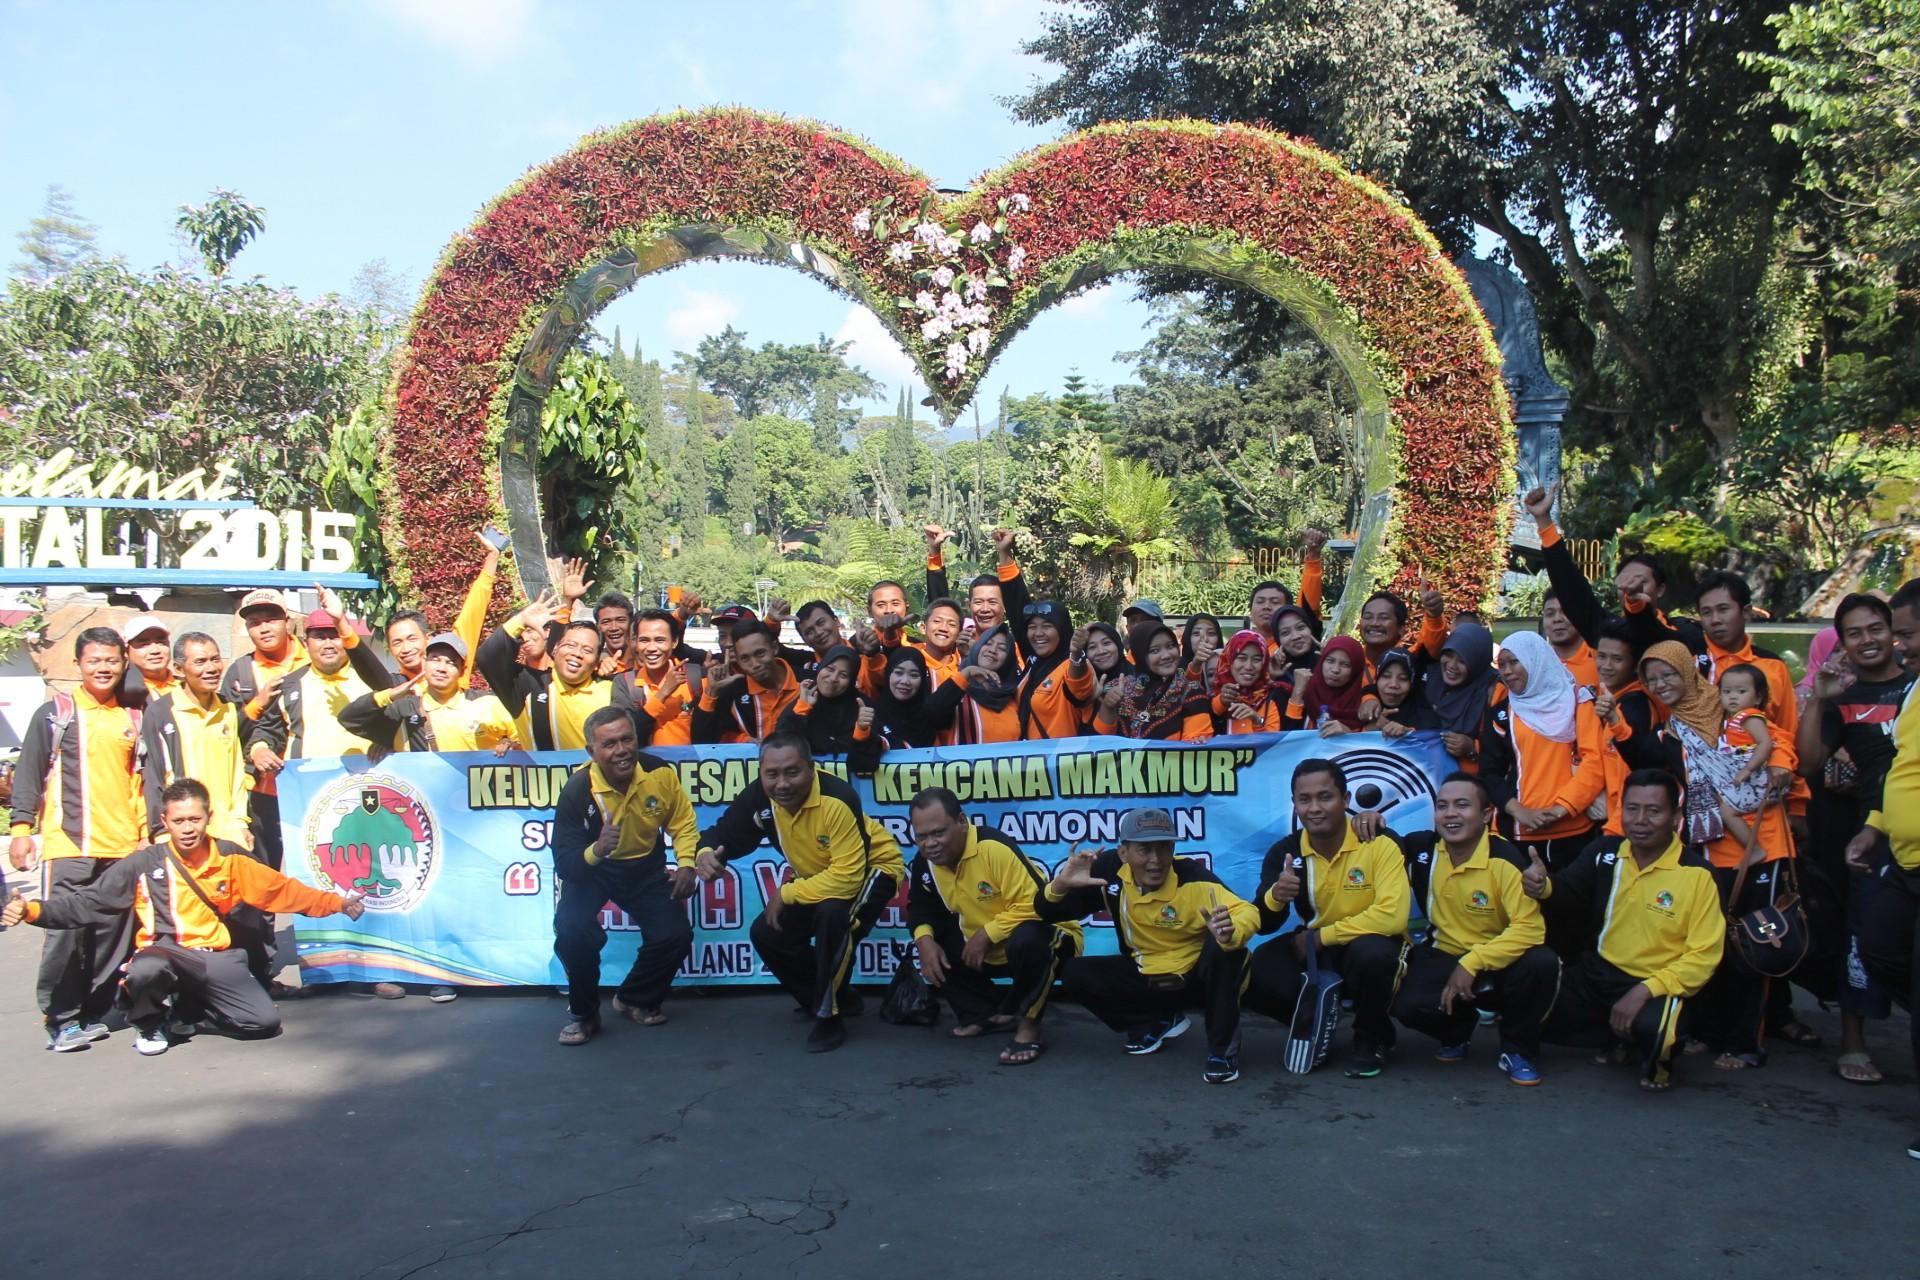 <h1>081231938011 , Provider Outbound Malang , Paket Outbound Malang,KSU Kencana Makmur</h1>